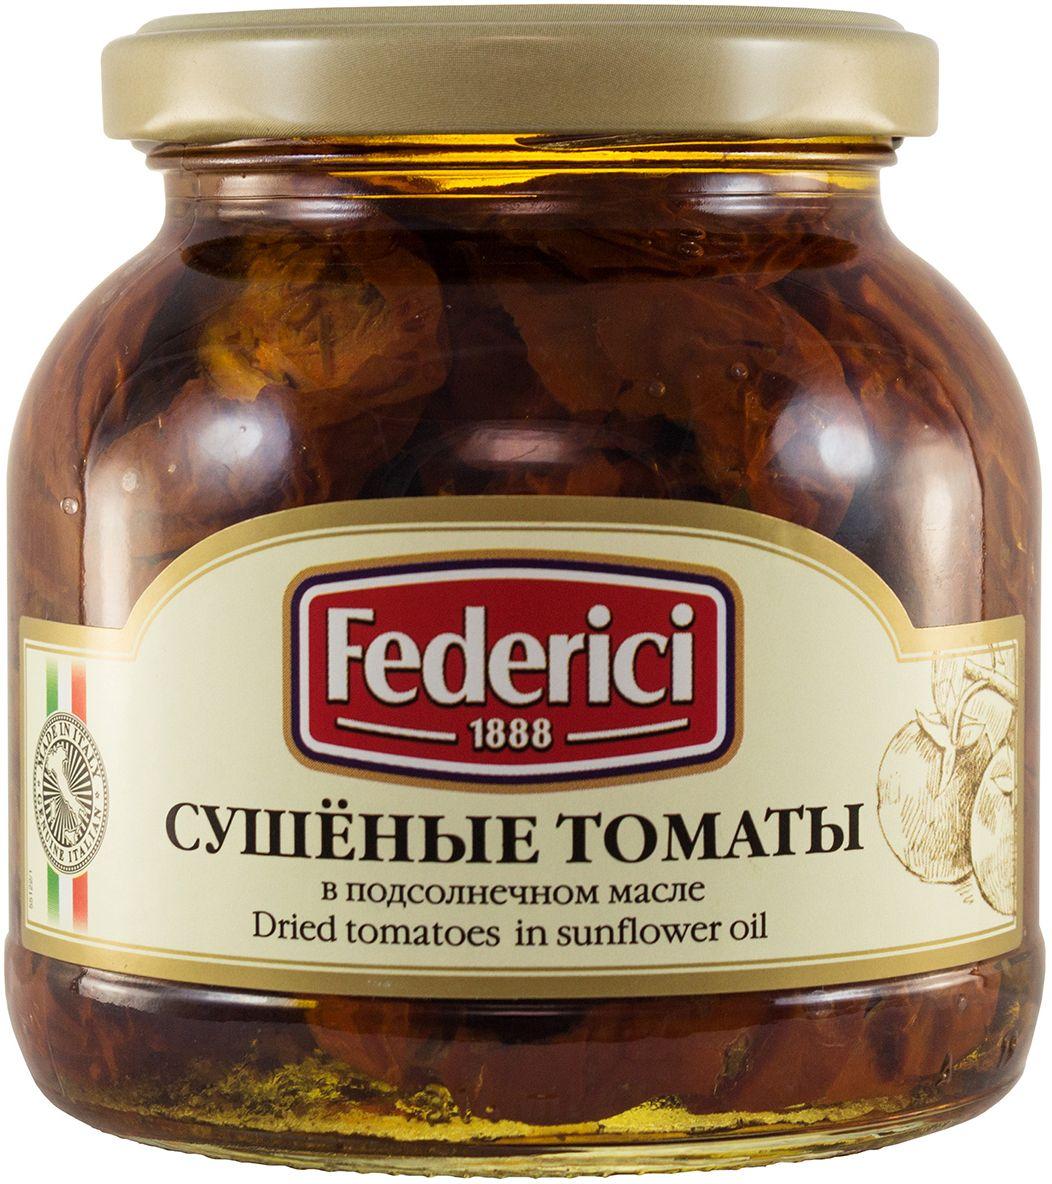 Federici Сушеные томаты в подсолнечном масле, 280 г federici каперсы в винном уксусе 210 г